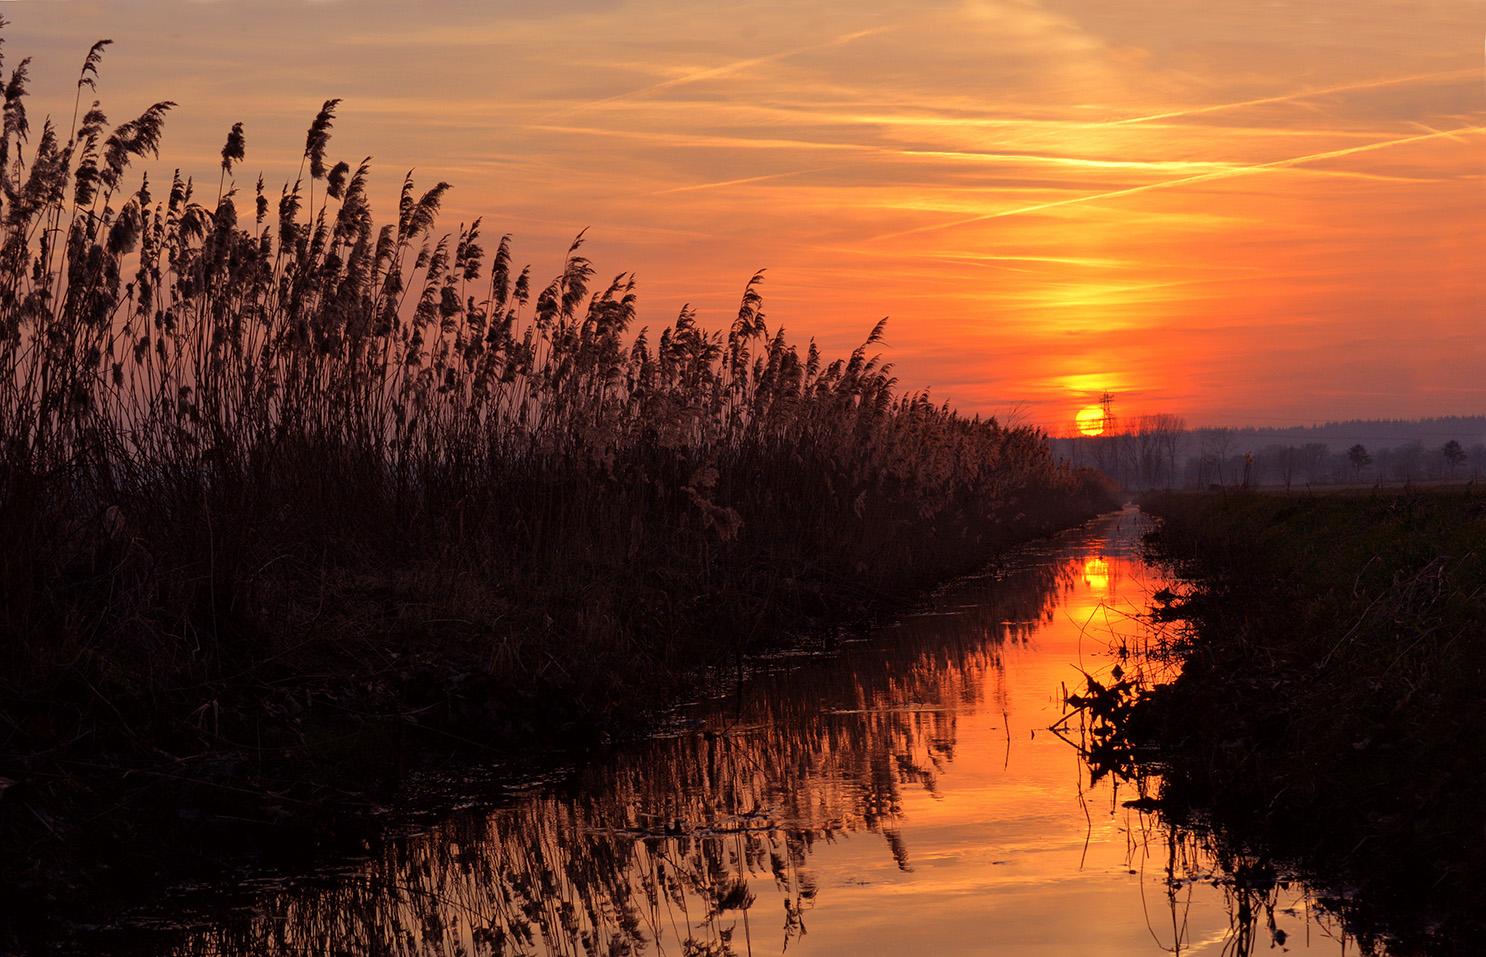 Een schitterende zonsondergang in het Rauwe Veld - Foto: ©Louis Fraanje